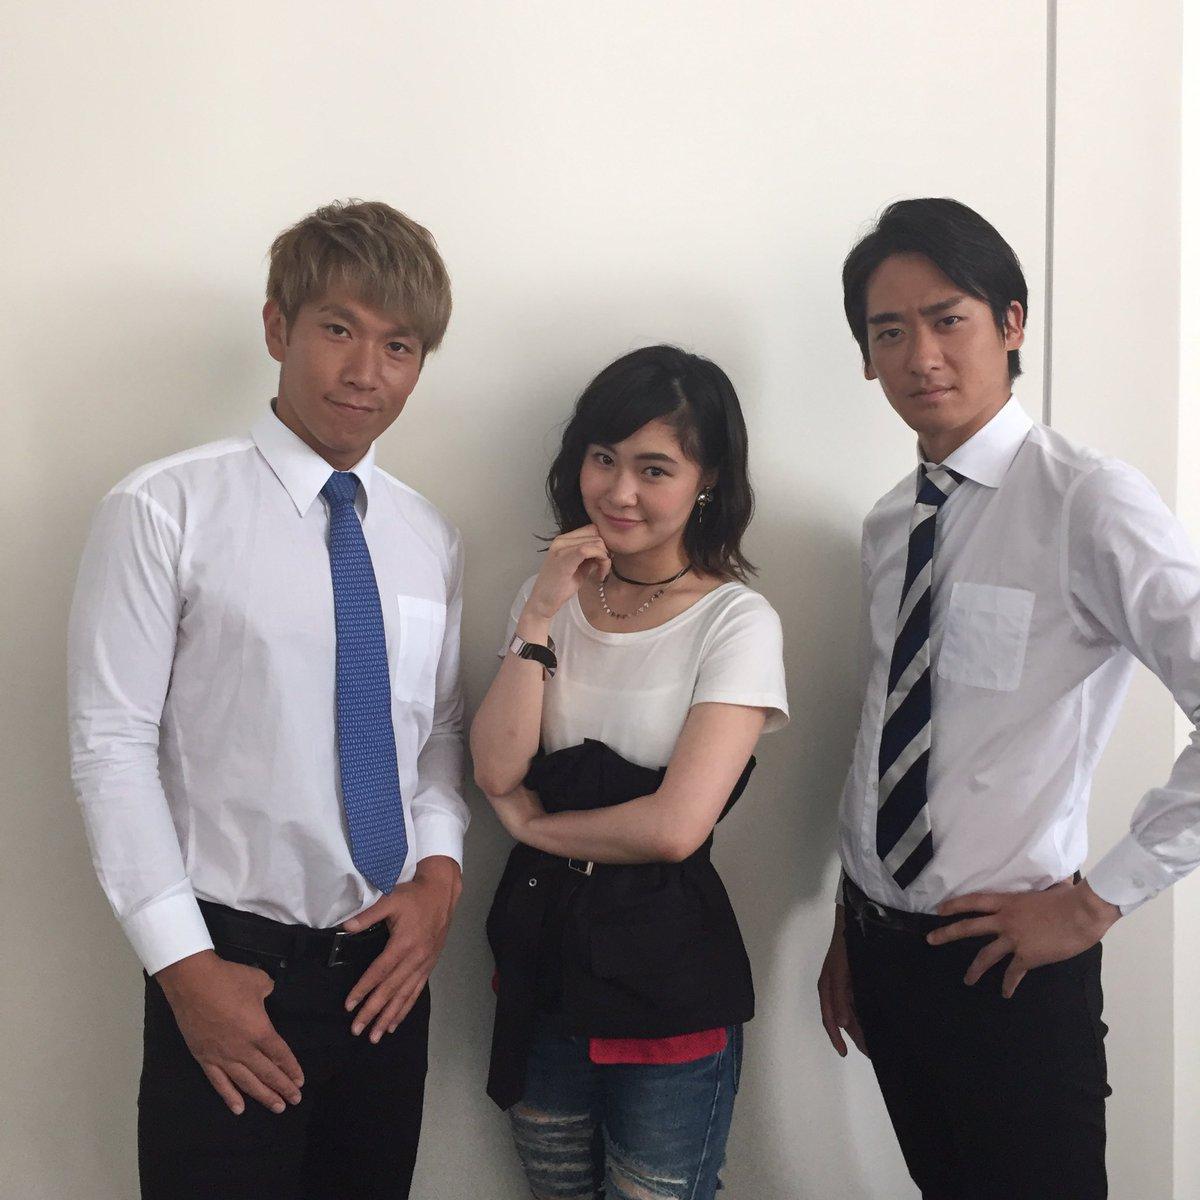 また、村上佳菜子さんはブルゾンちえみさんの大ファンということでテレビ番組の企画ではブルゾンちえみさんに扮して登場したこともあったりと\u2026